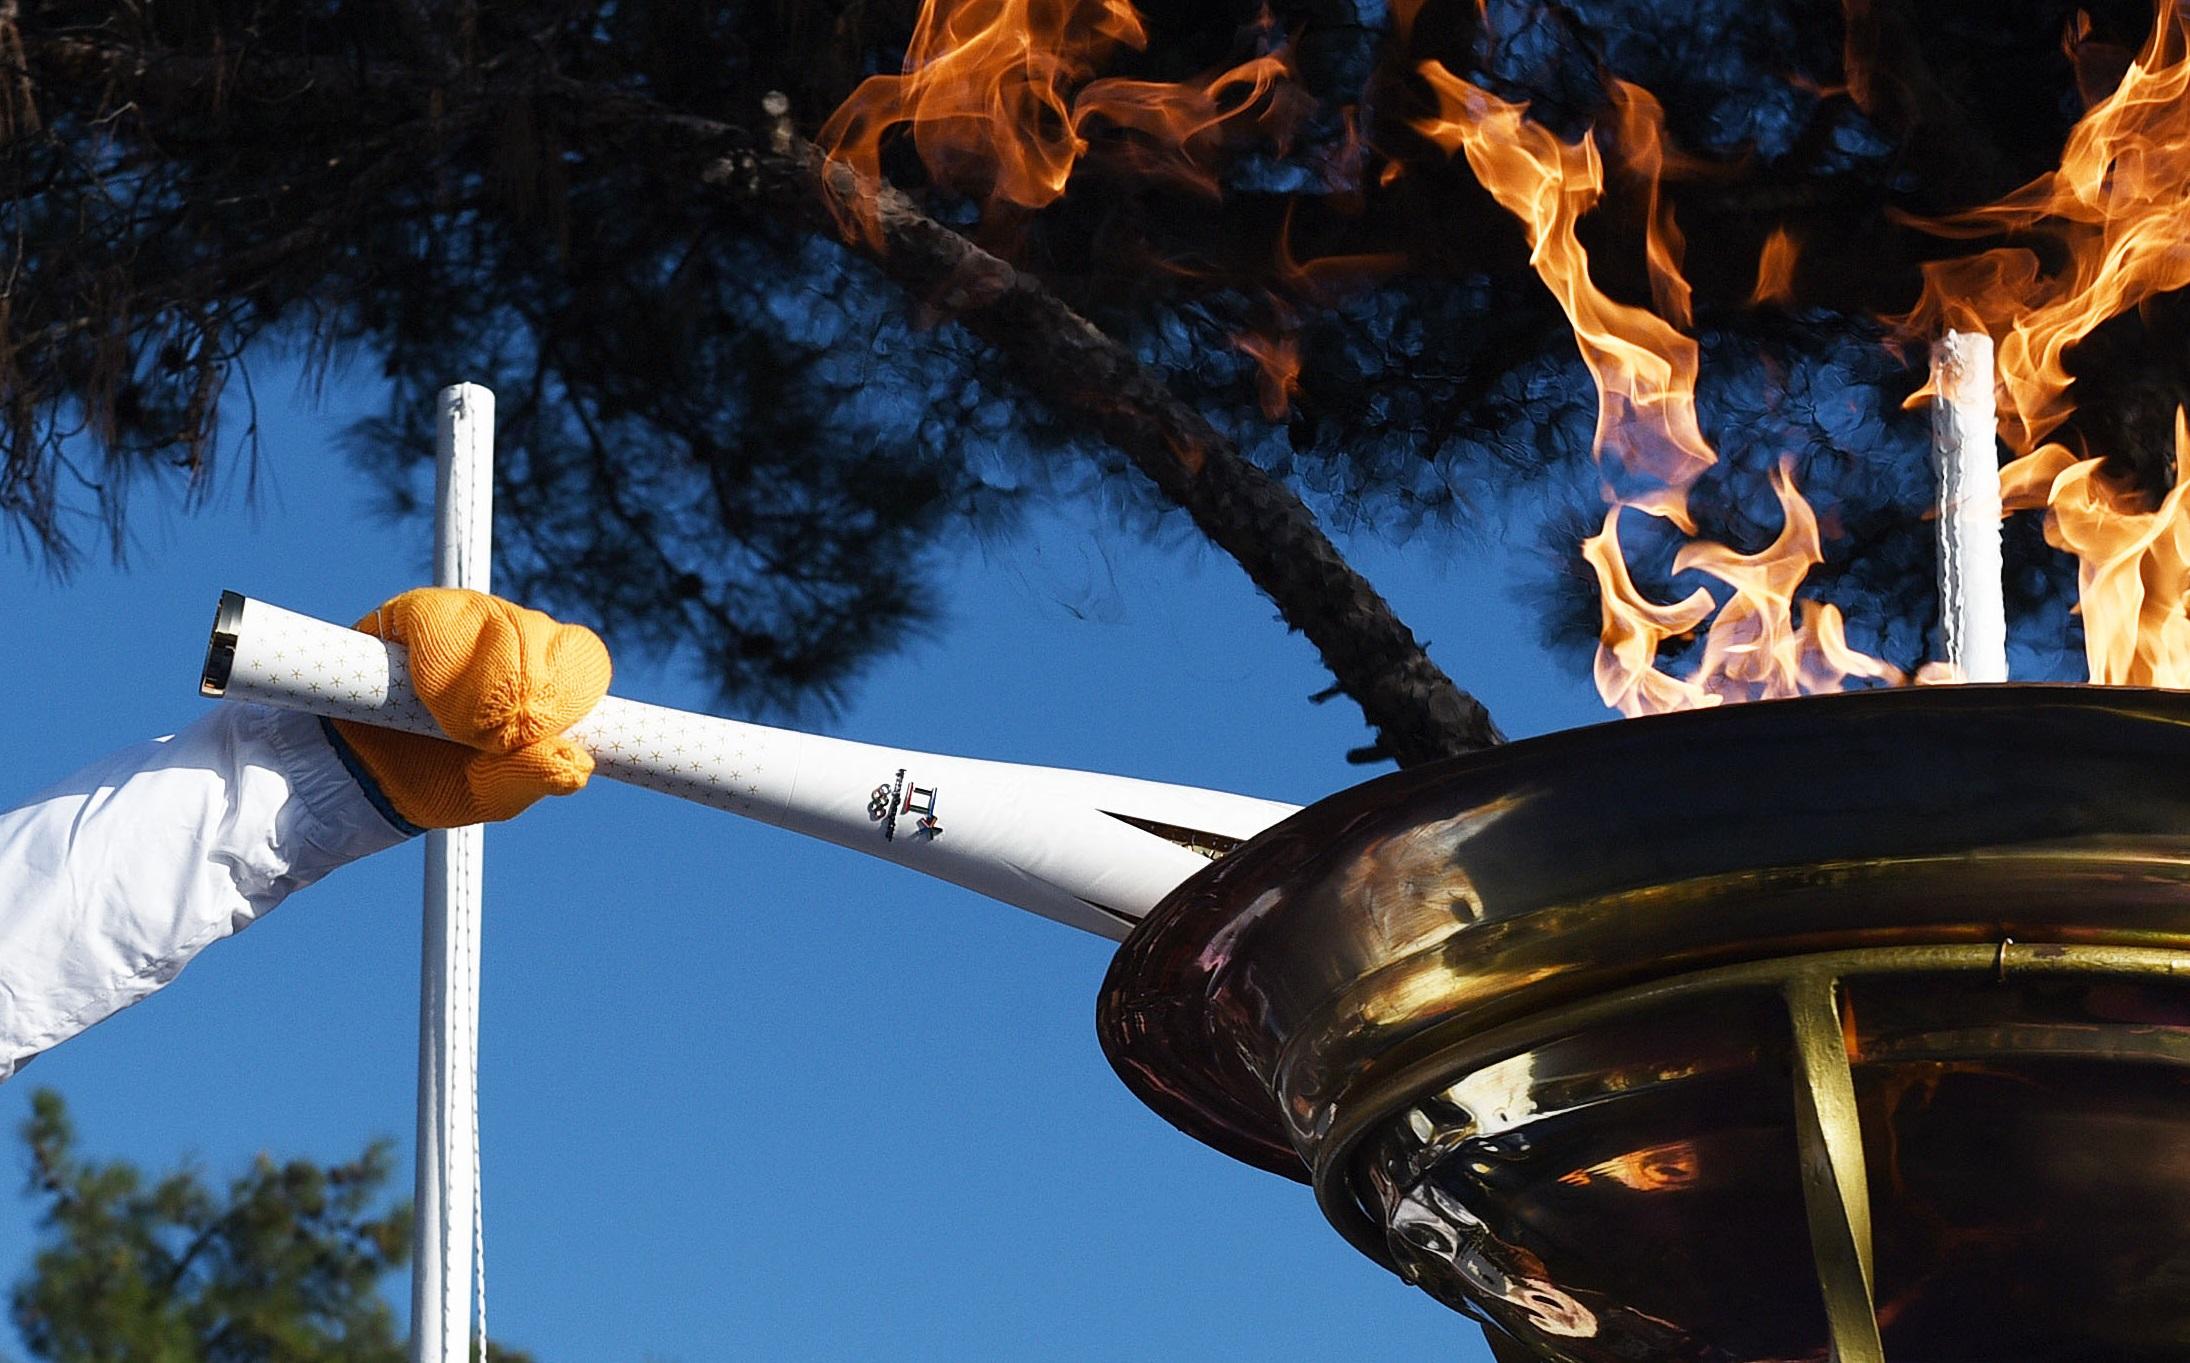 Ο Γιάννης Αντωνίου πρώτος Λαμπαδηδρόμος για τους Χειμερινούς Ολυμπιακούς Αγώνες